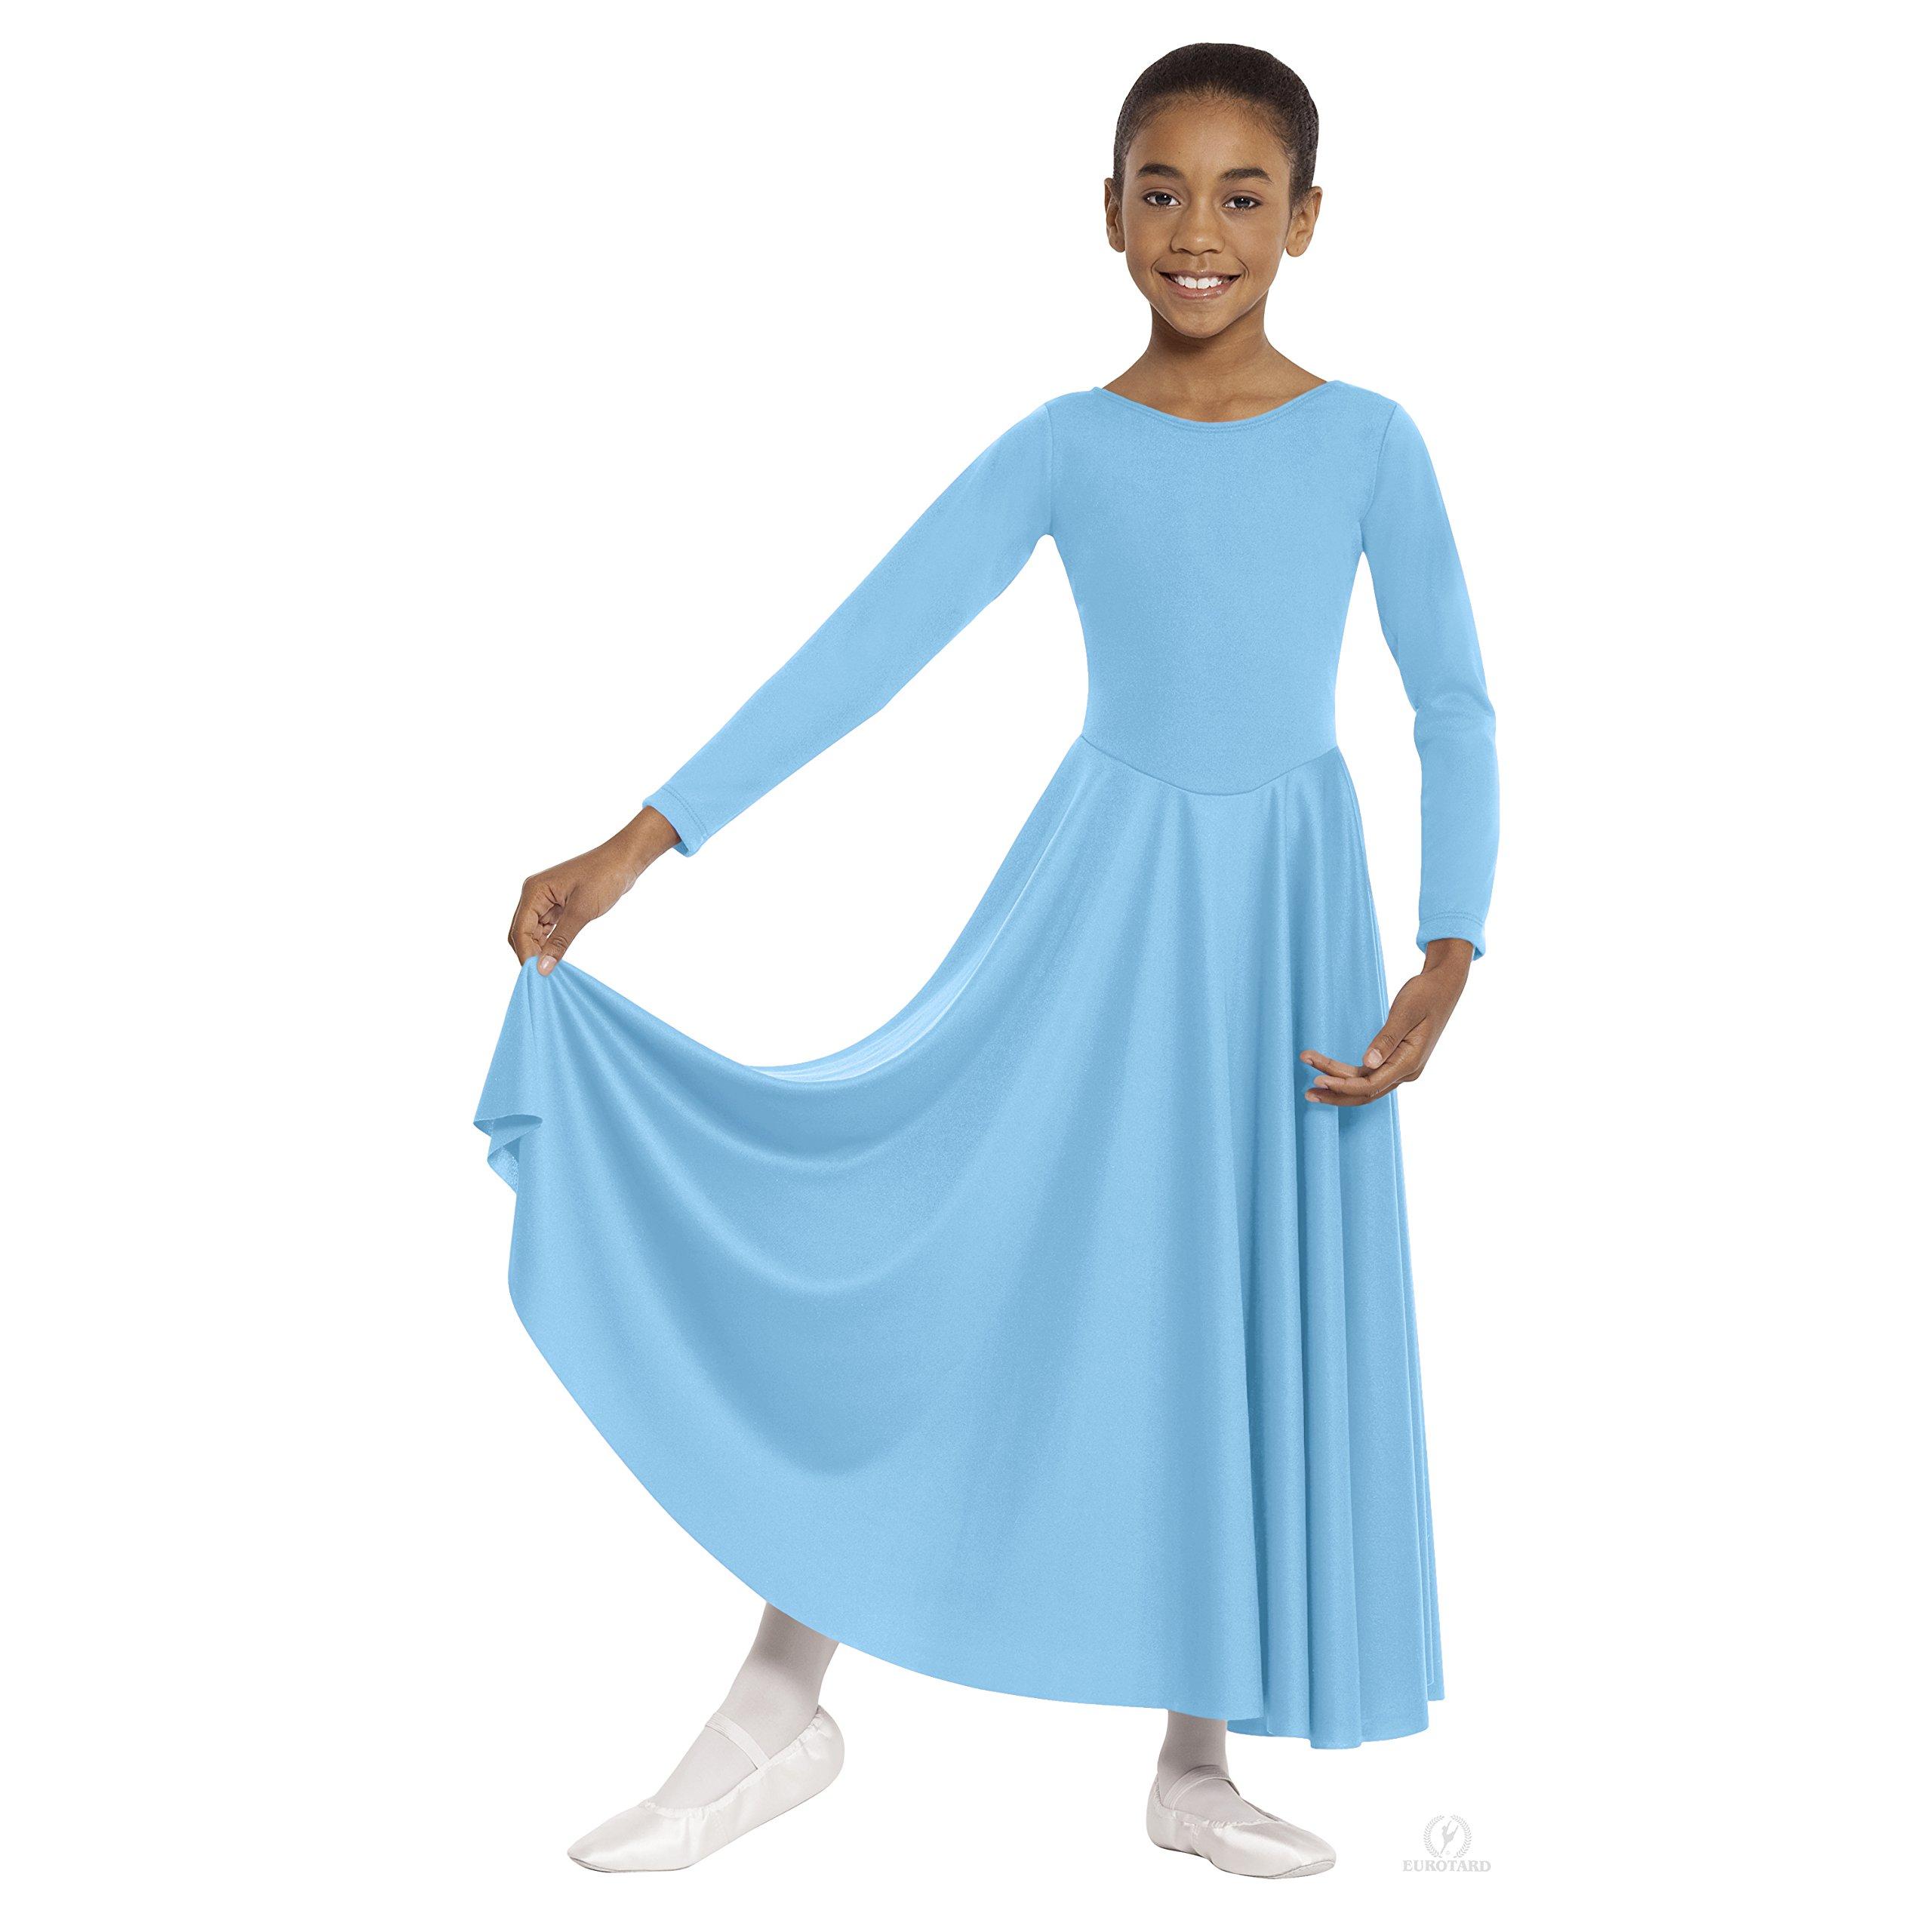 Eurotard  13524 Child Dance Dress (Lieutenant Blue, Small) by Eurotard